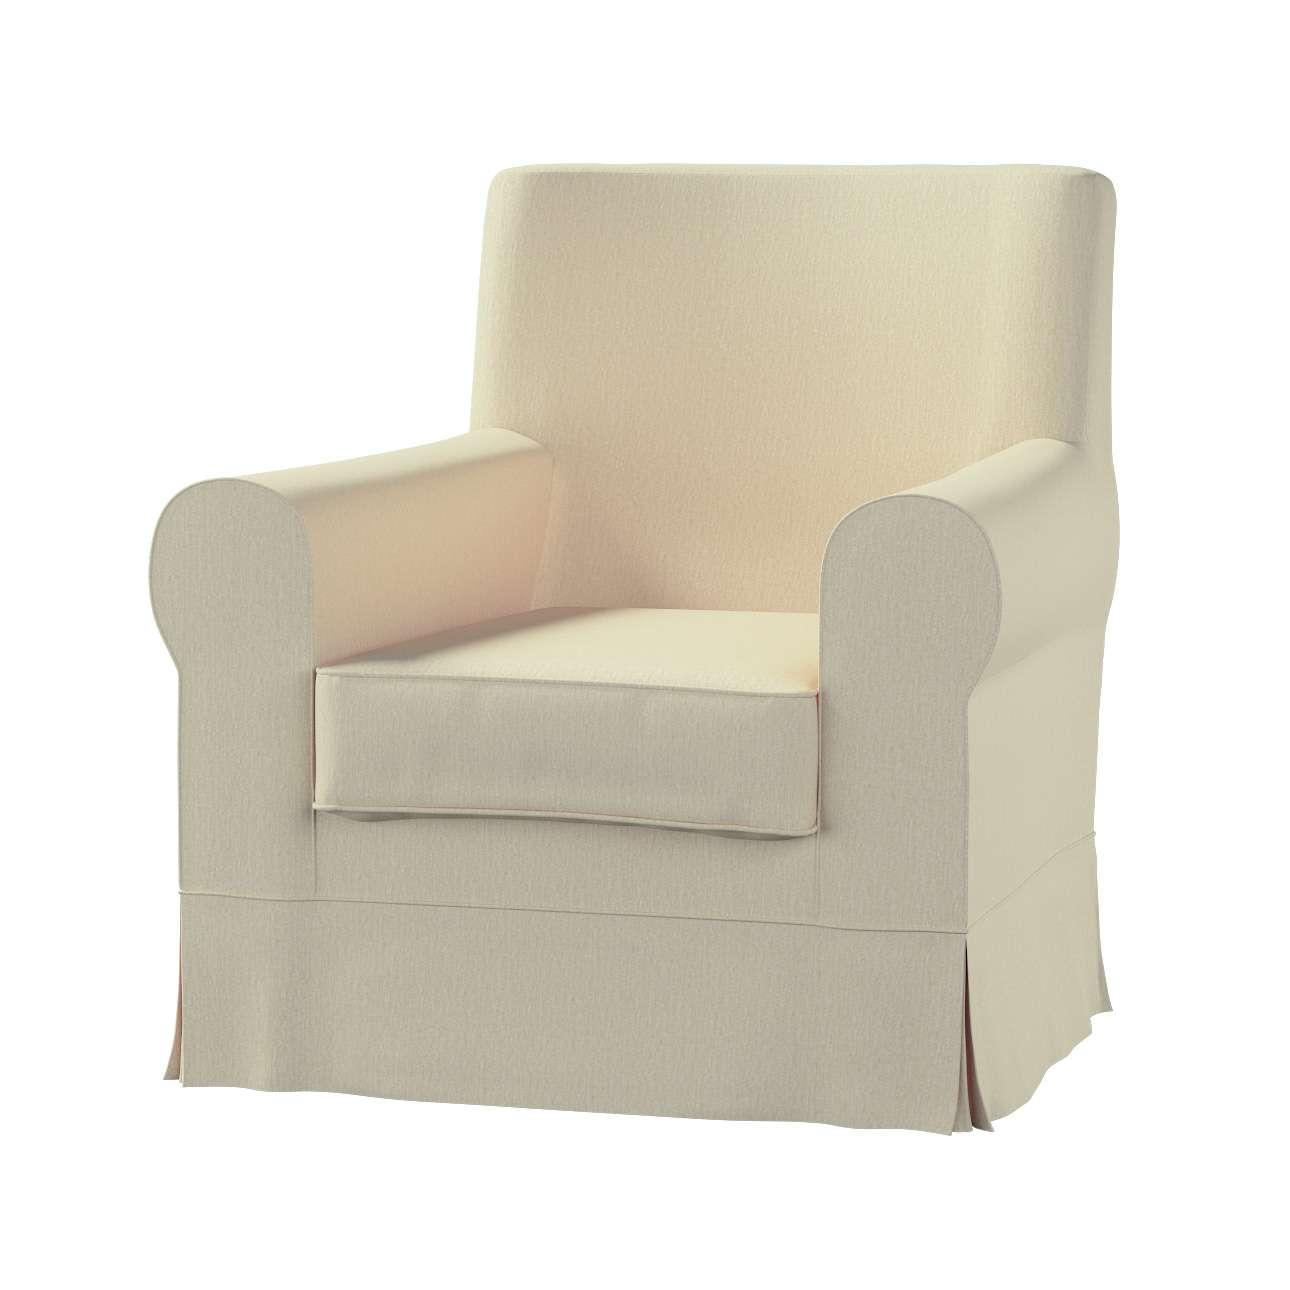 Pokrowiec na fotel Ektorp Jennylund Fotel Ektorp Jennylund w kolekcji Chenille, tkanina: 702-22